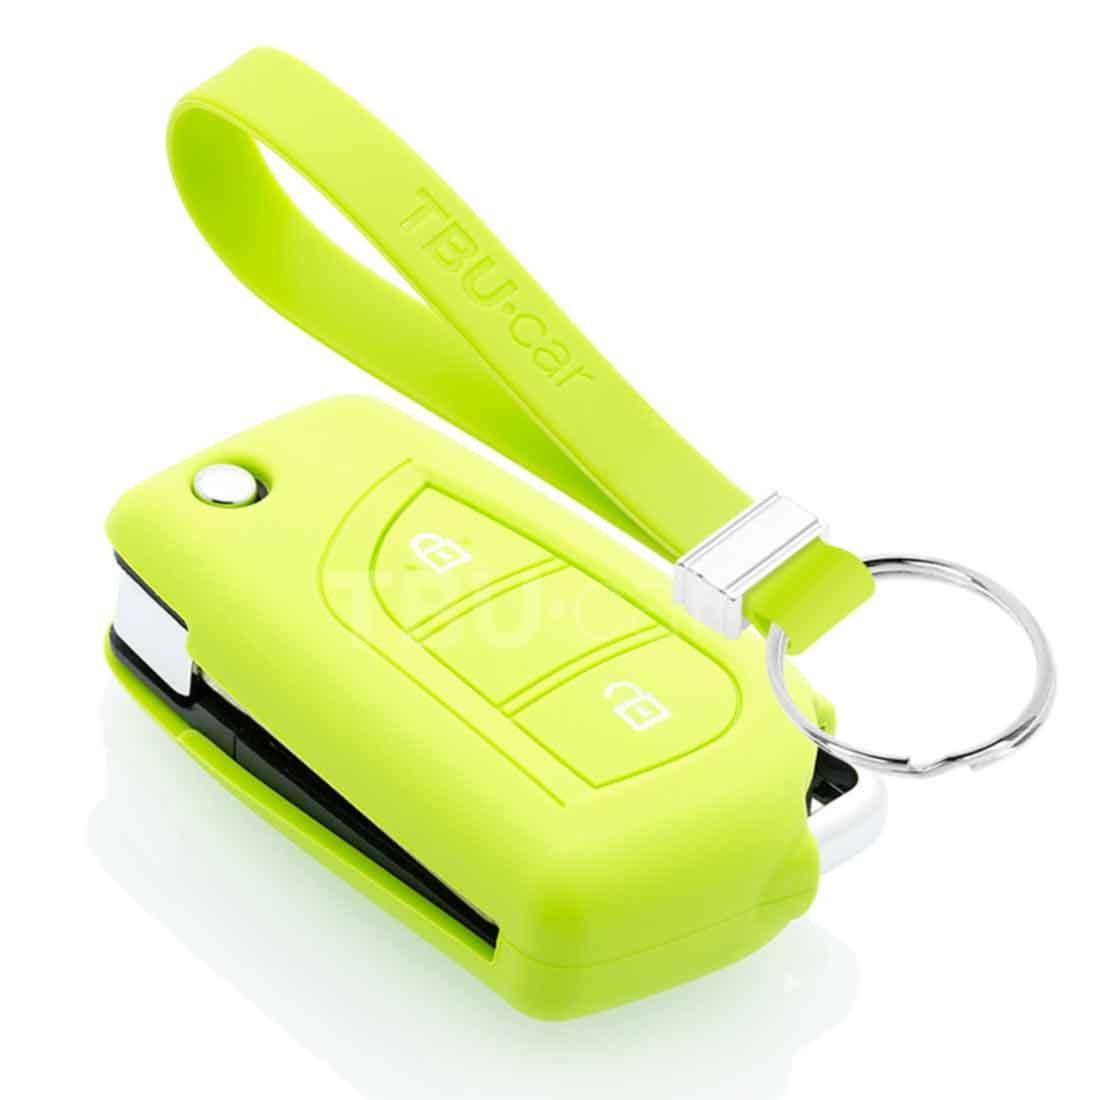 TBU car TBU car Sleutel cover compatibel met Toyota - Silicone sleutelhoesje - beschermhoesje autosleutel - Lime groen